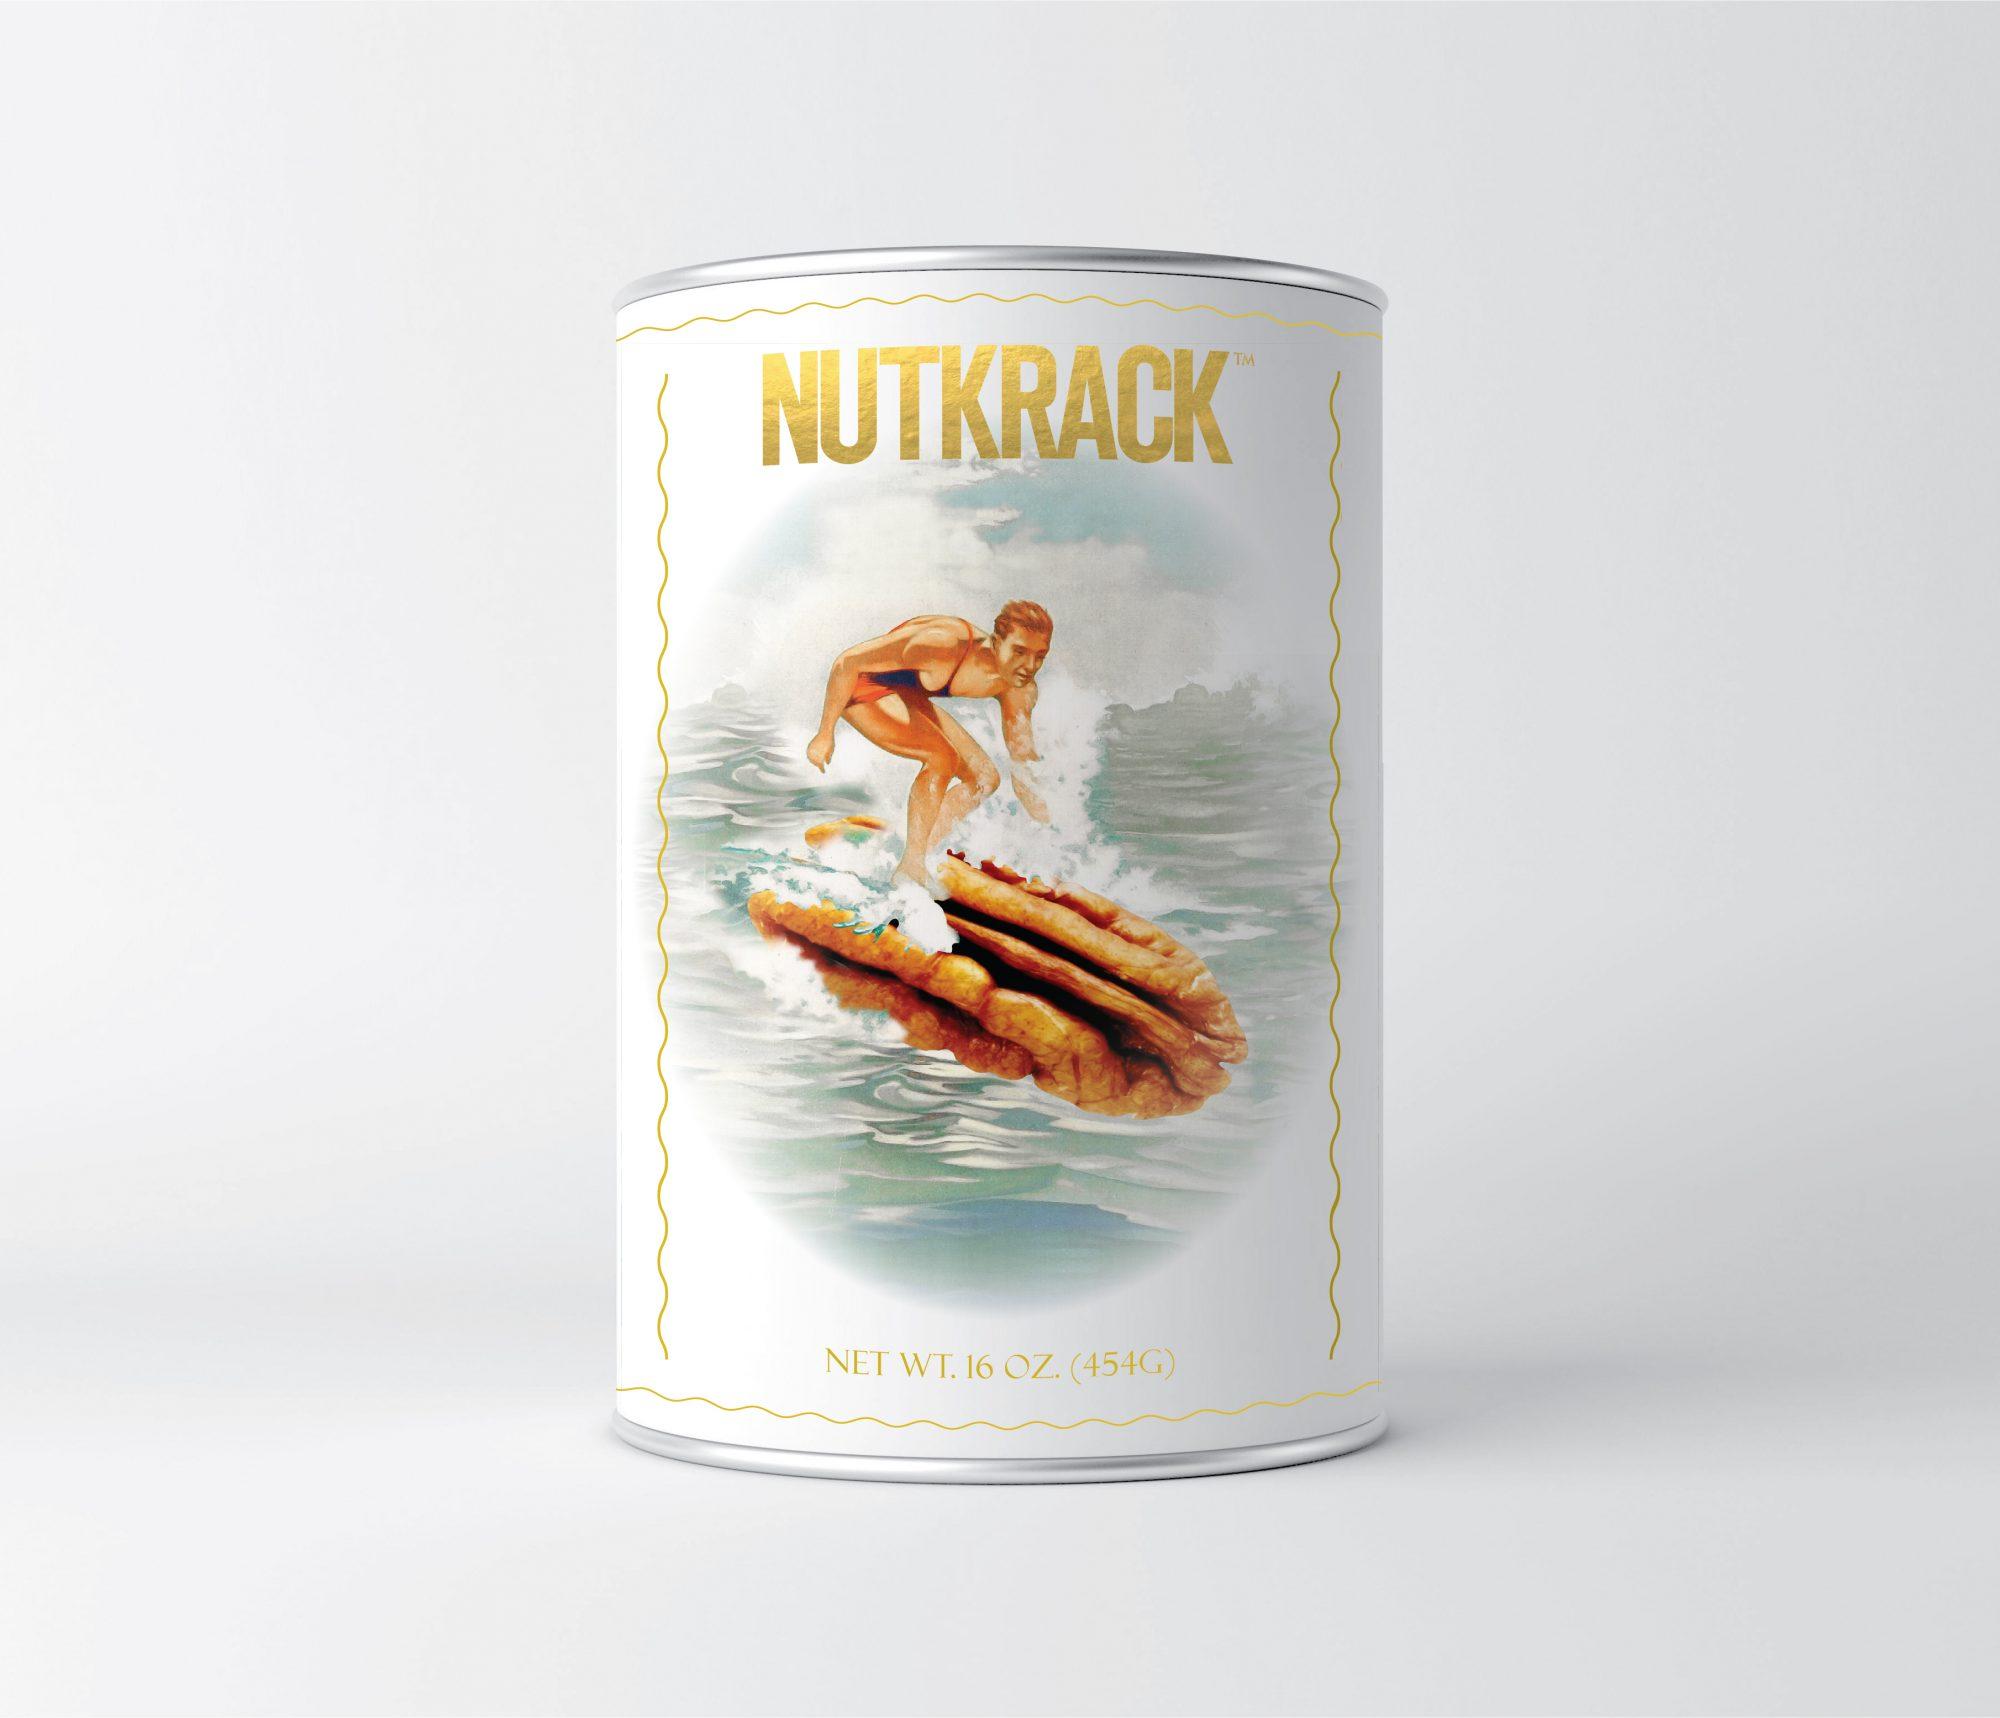 Nutkrack-product-04